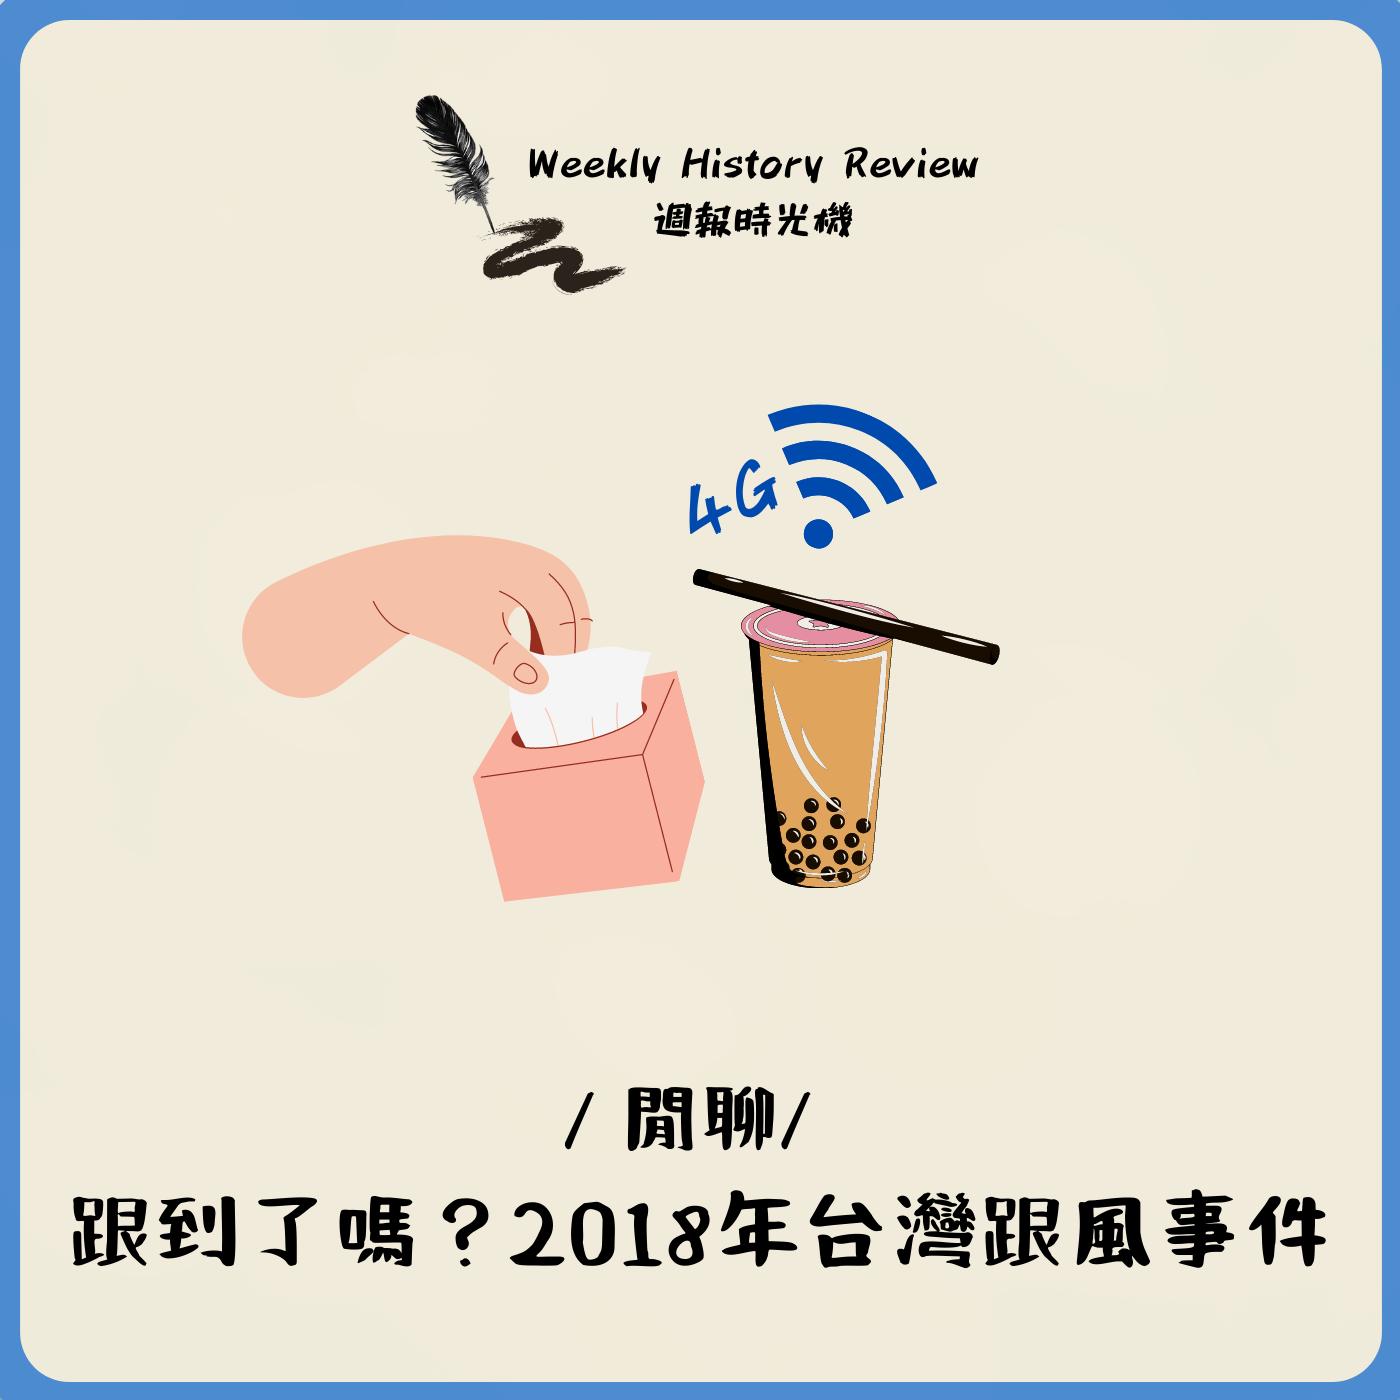 S2E9閒聊 / 2018年兩大台灣跟風事件,你有跟到嗎?